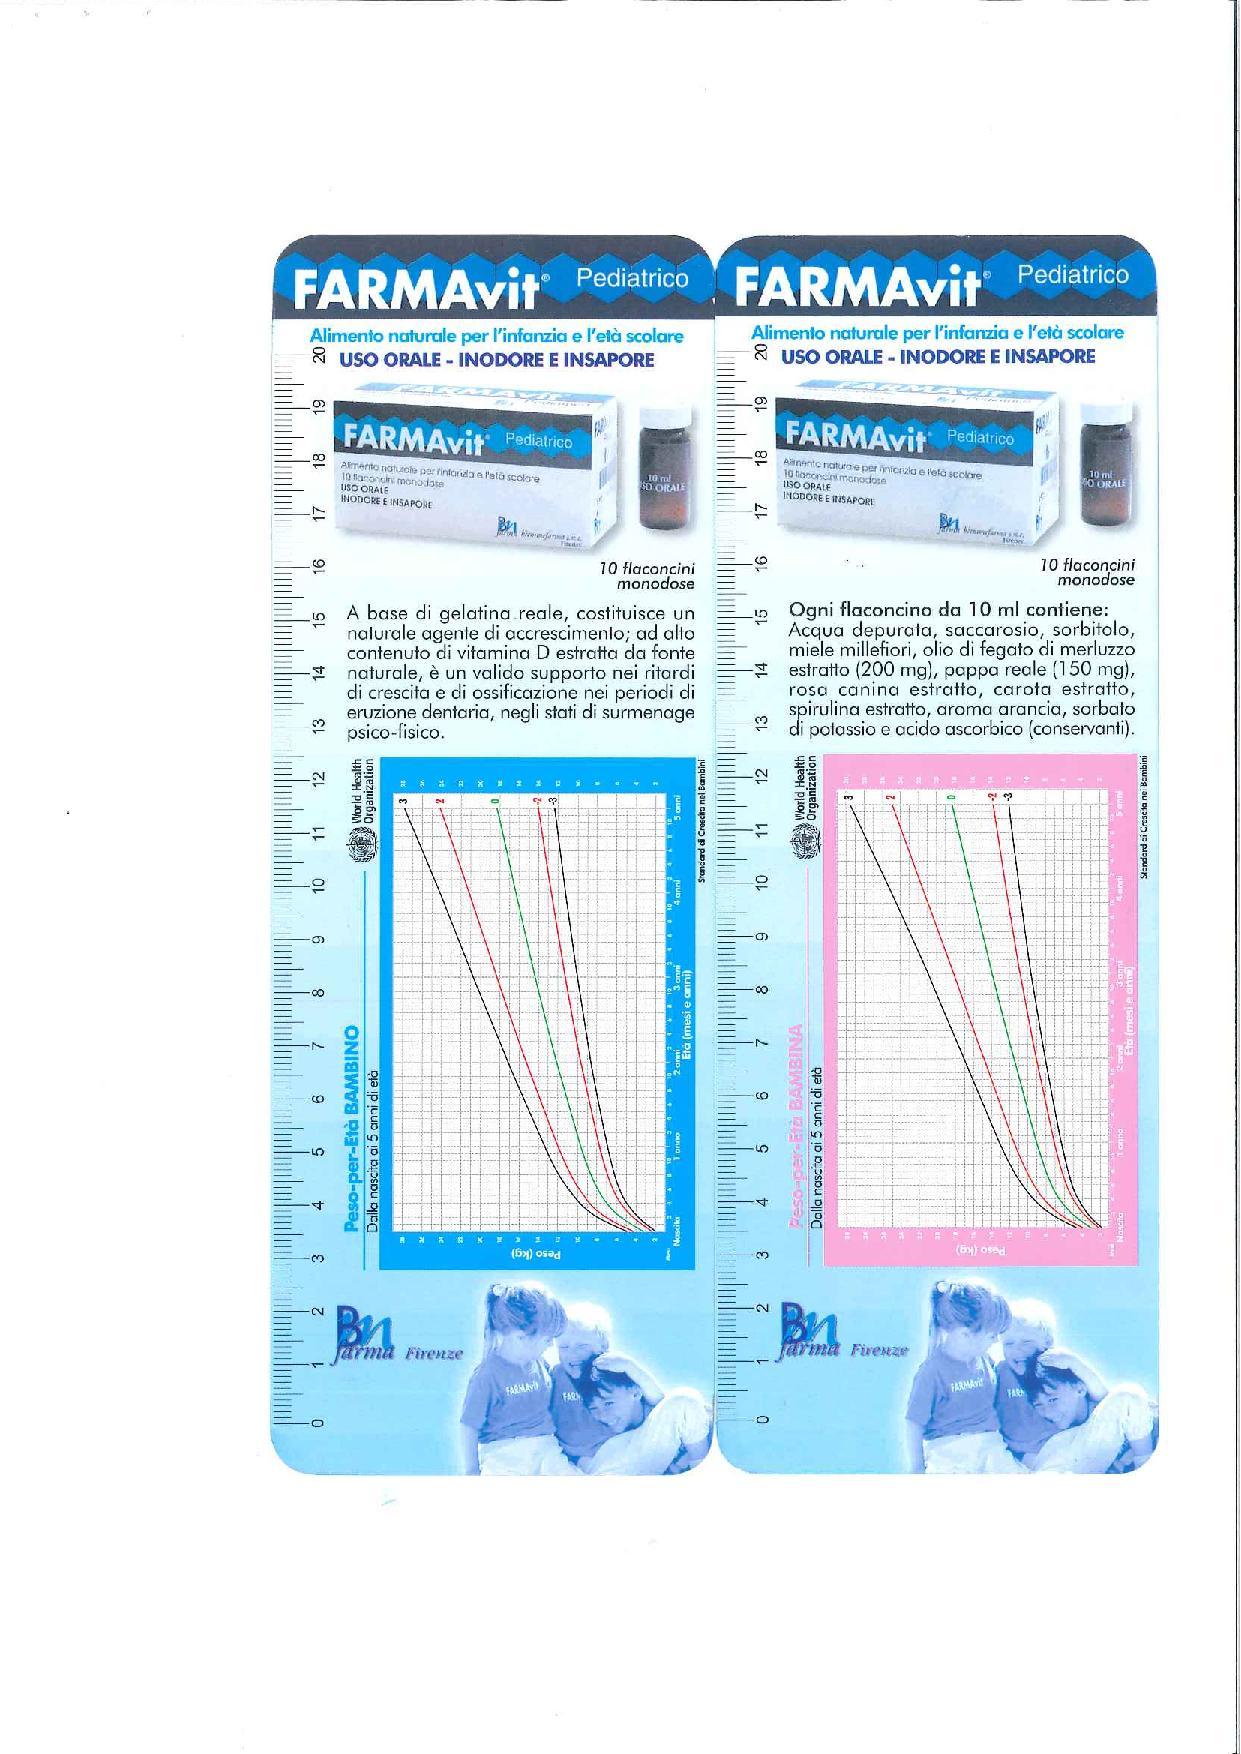 Farmavit pediatrico -page-002